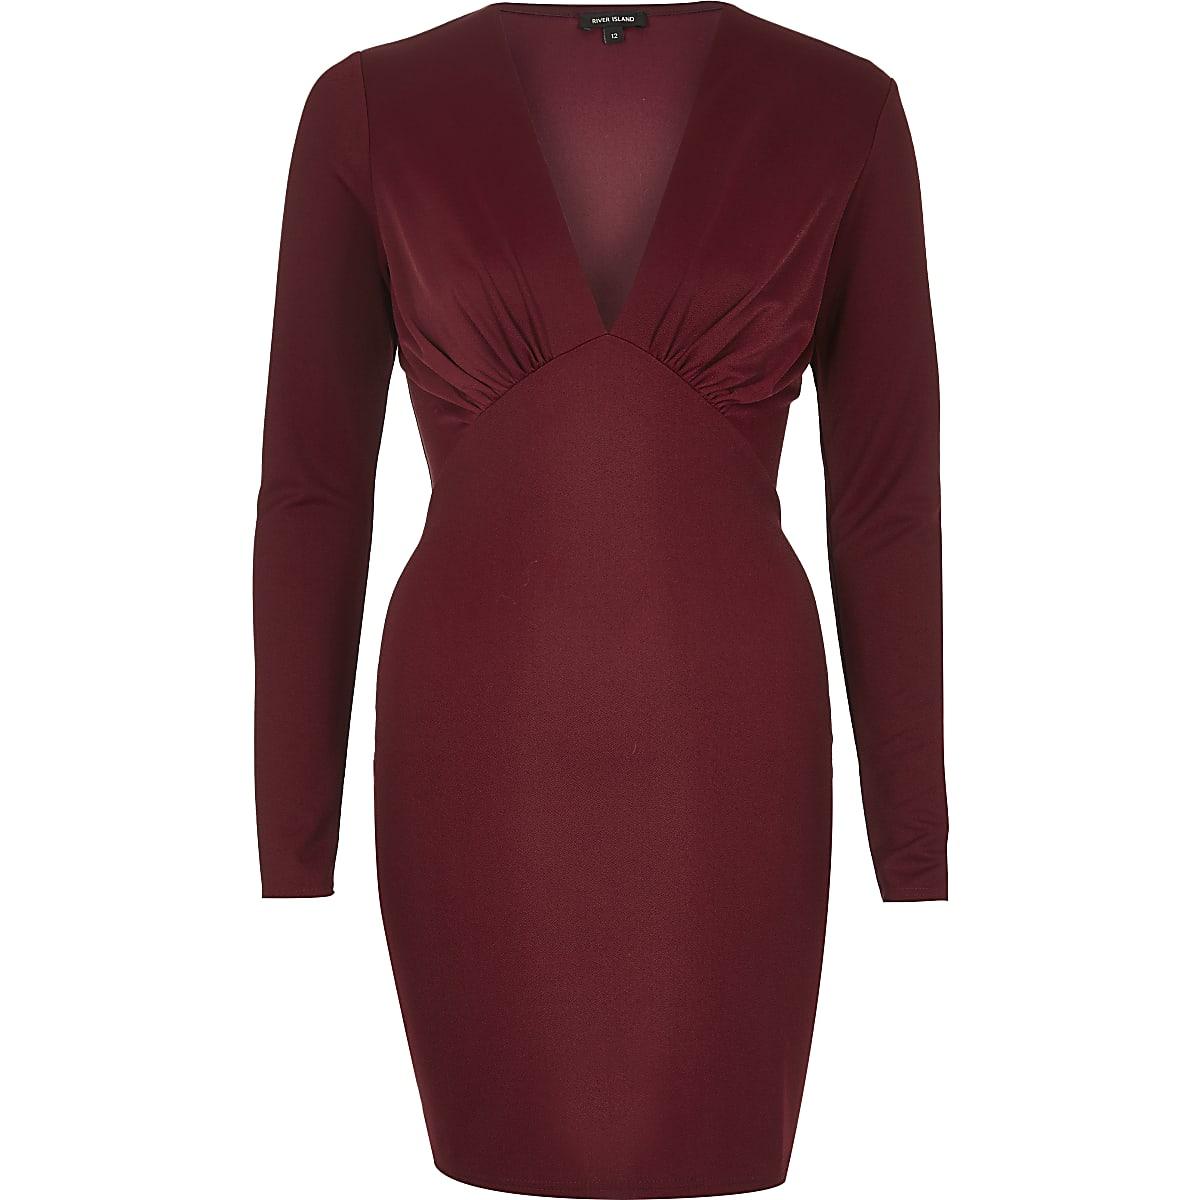 56e7409d0402 Dark red plunge bodycon mini dress - Bodycon Dresses - Dresses - women